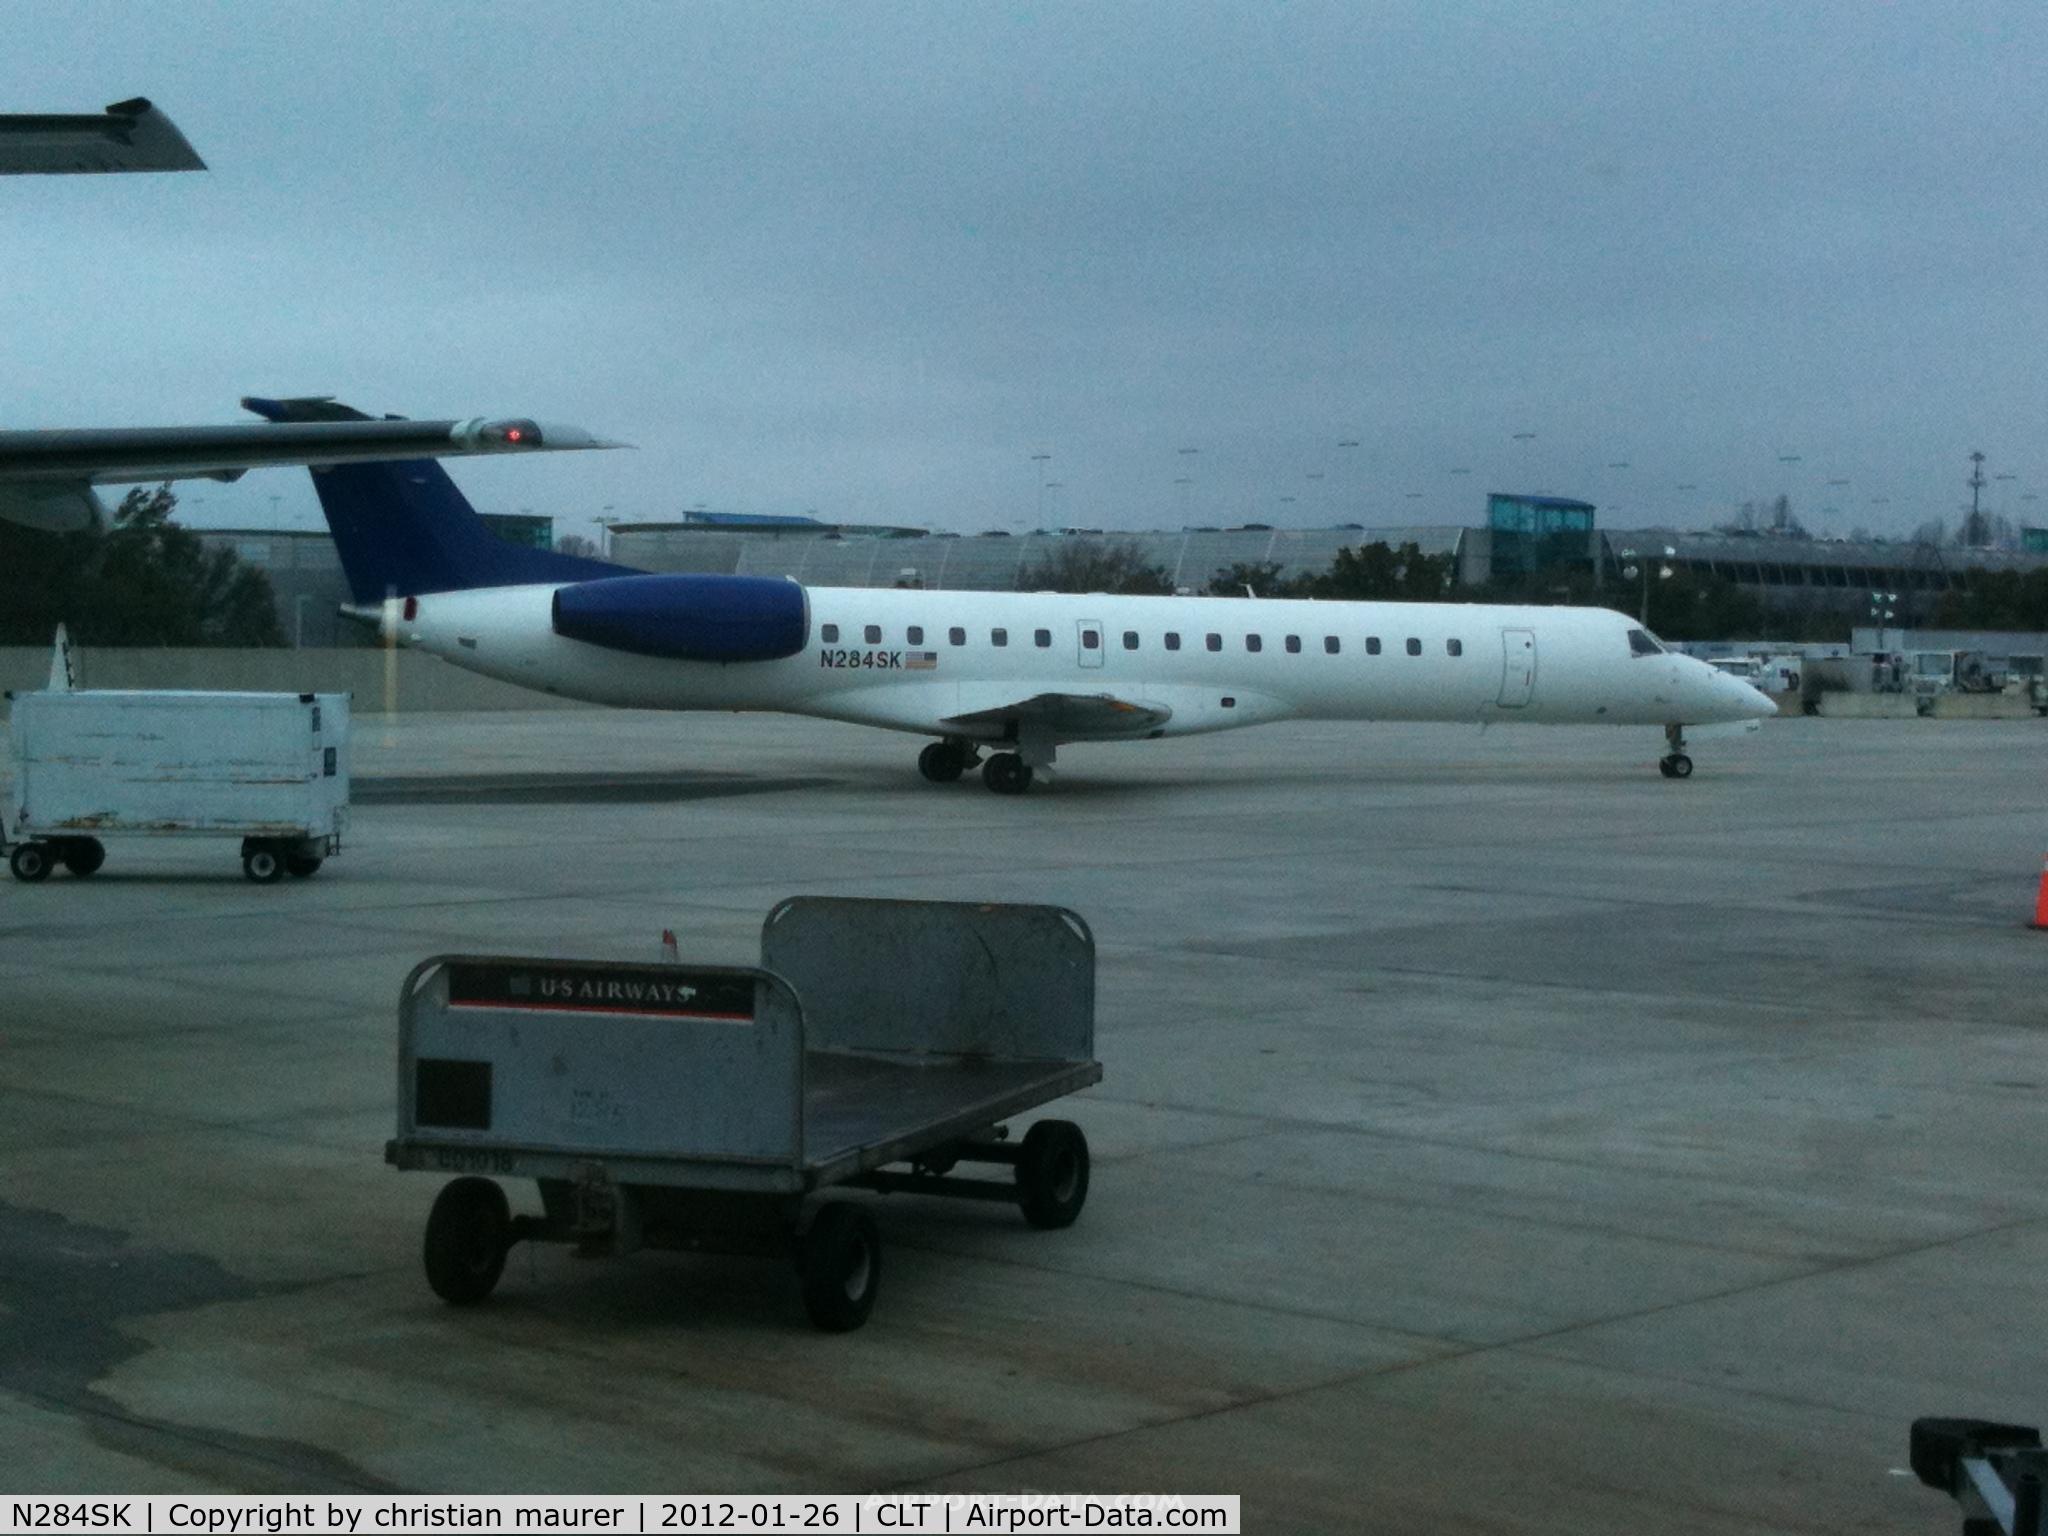 N284SK, 2001 Embraer EMB-145LR C/N 145427, taxing to the runway